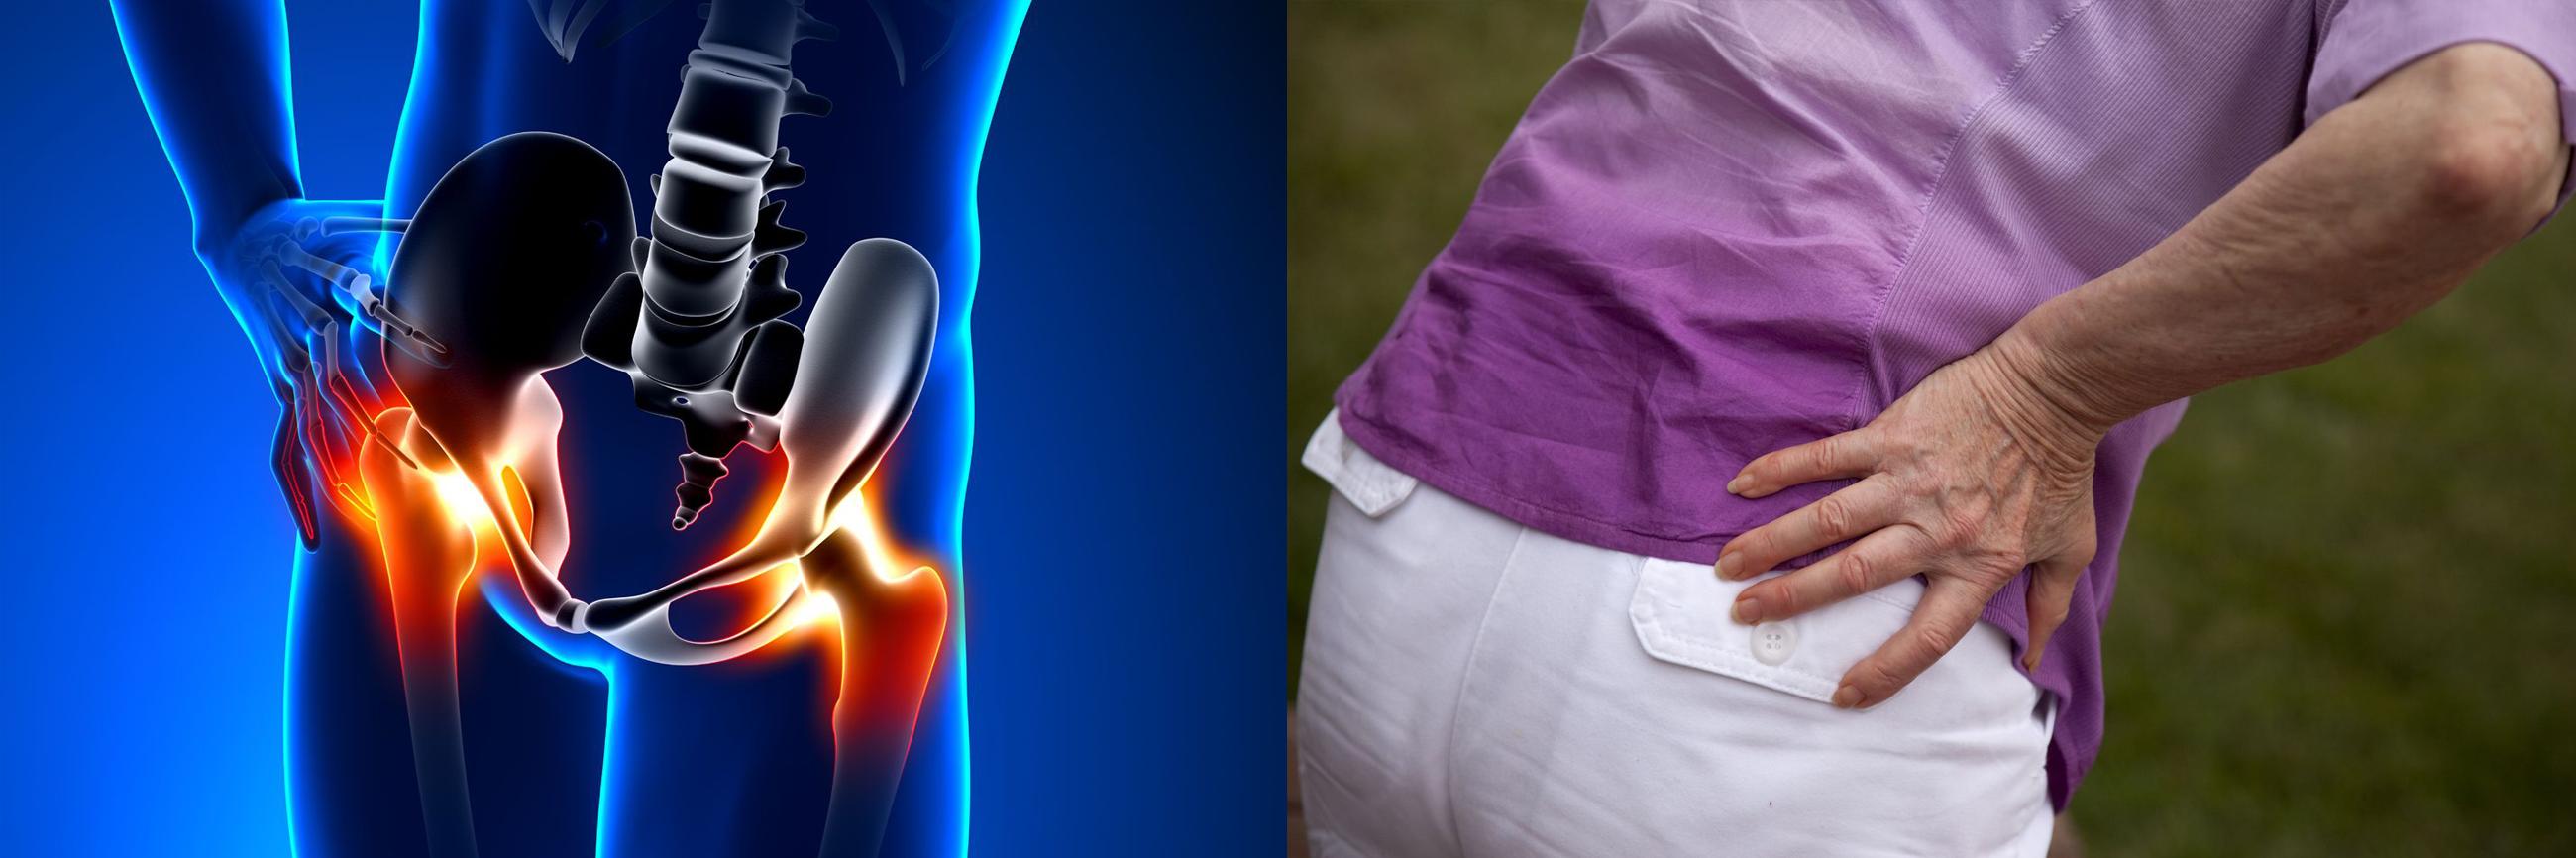 Csípőtorna, egyszerű gyakorlatok csípőfájdalom kezelésére. | erbenagrar.hu